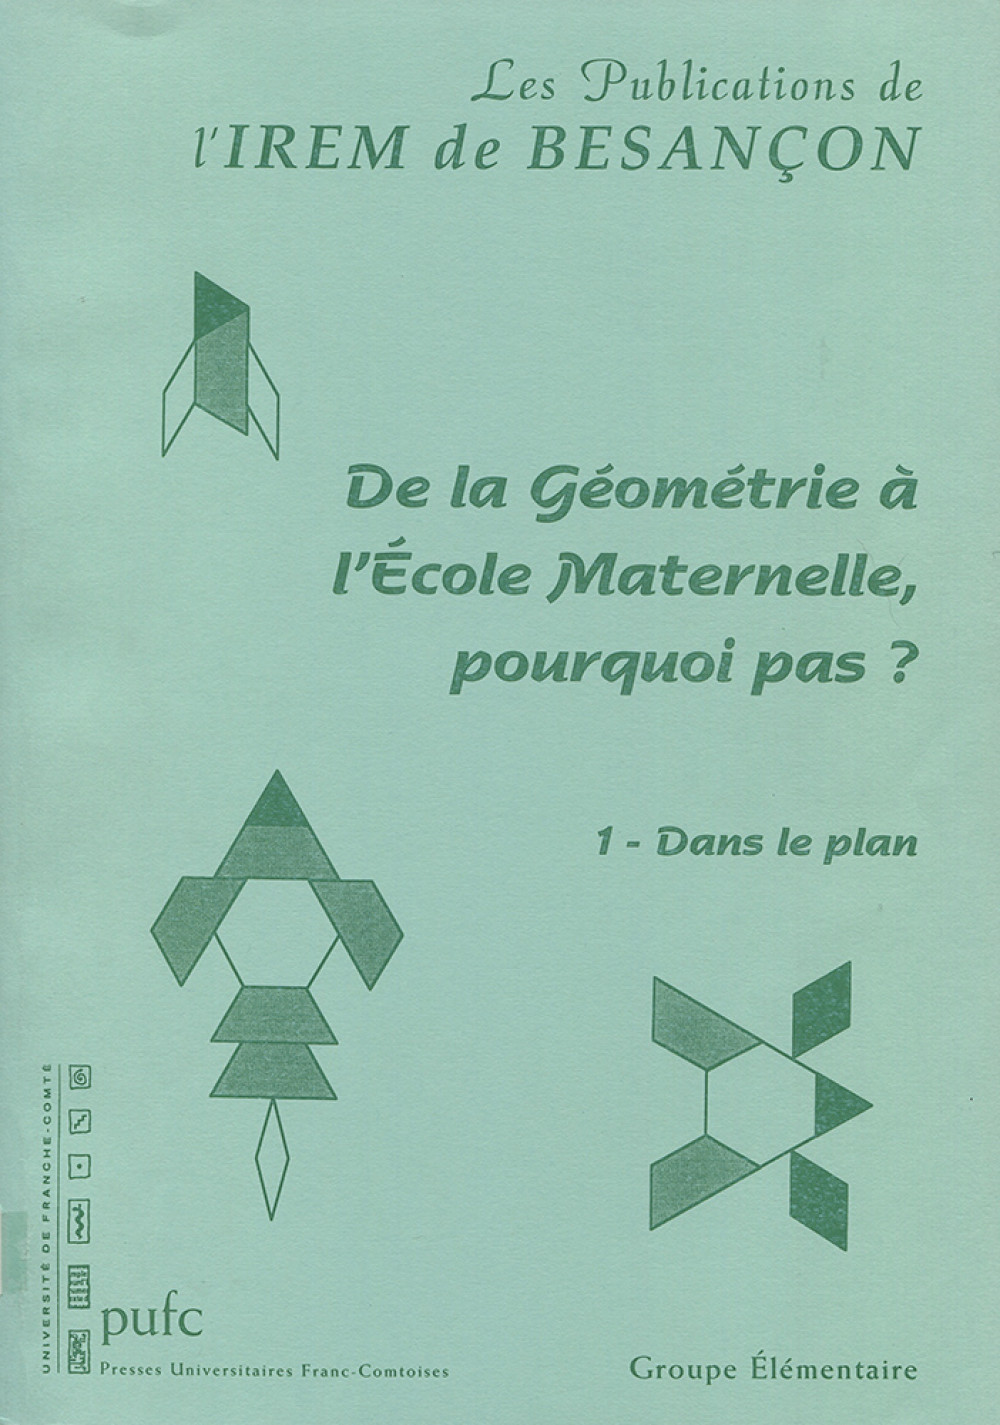 De la Géométrie à l'école maternelle, pourquoi pas ? 1 : Dans le plan